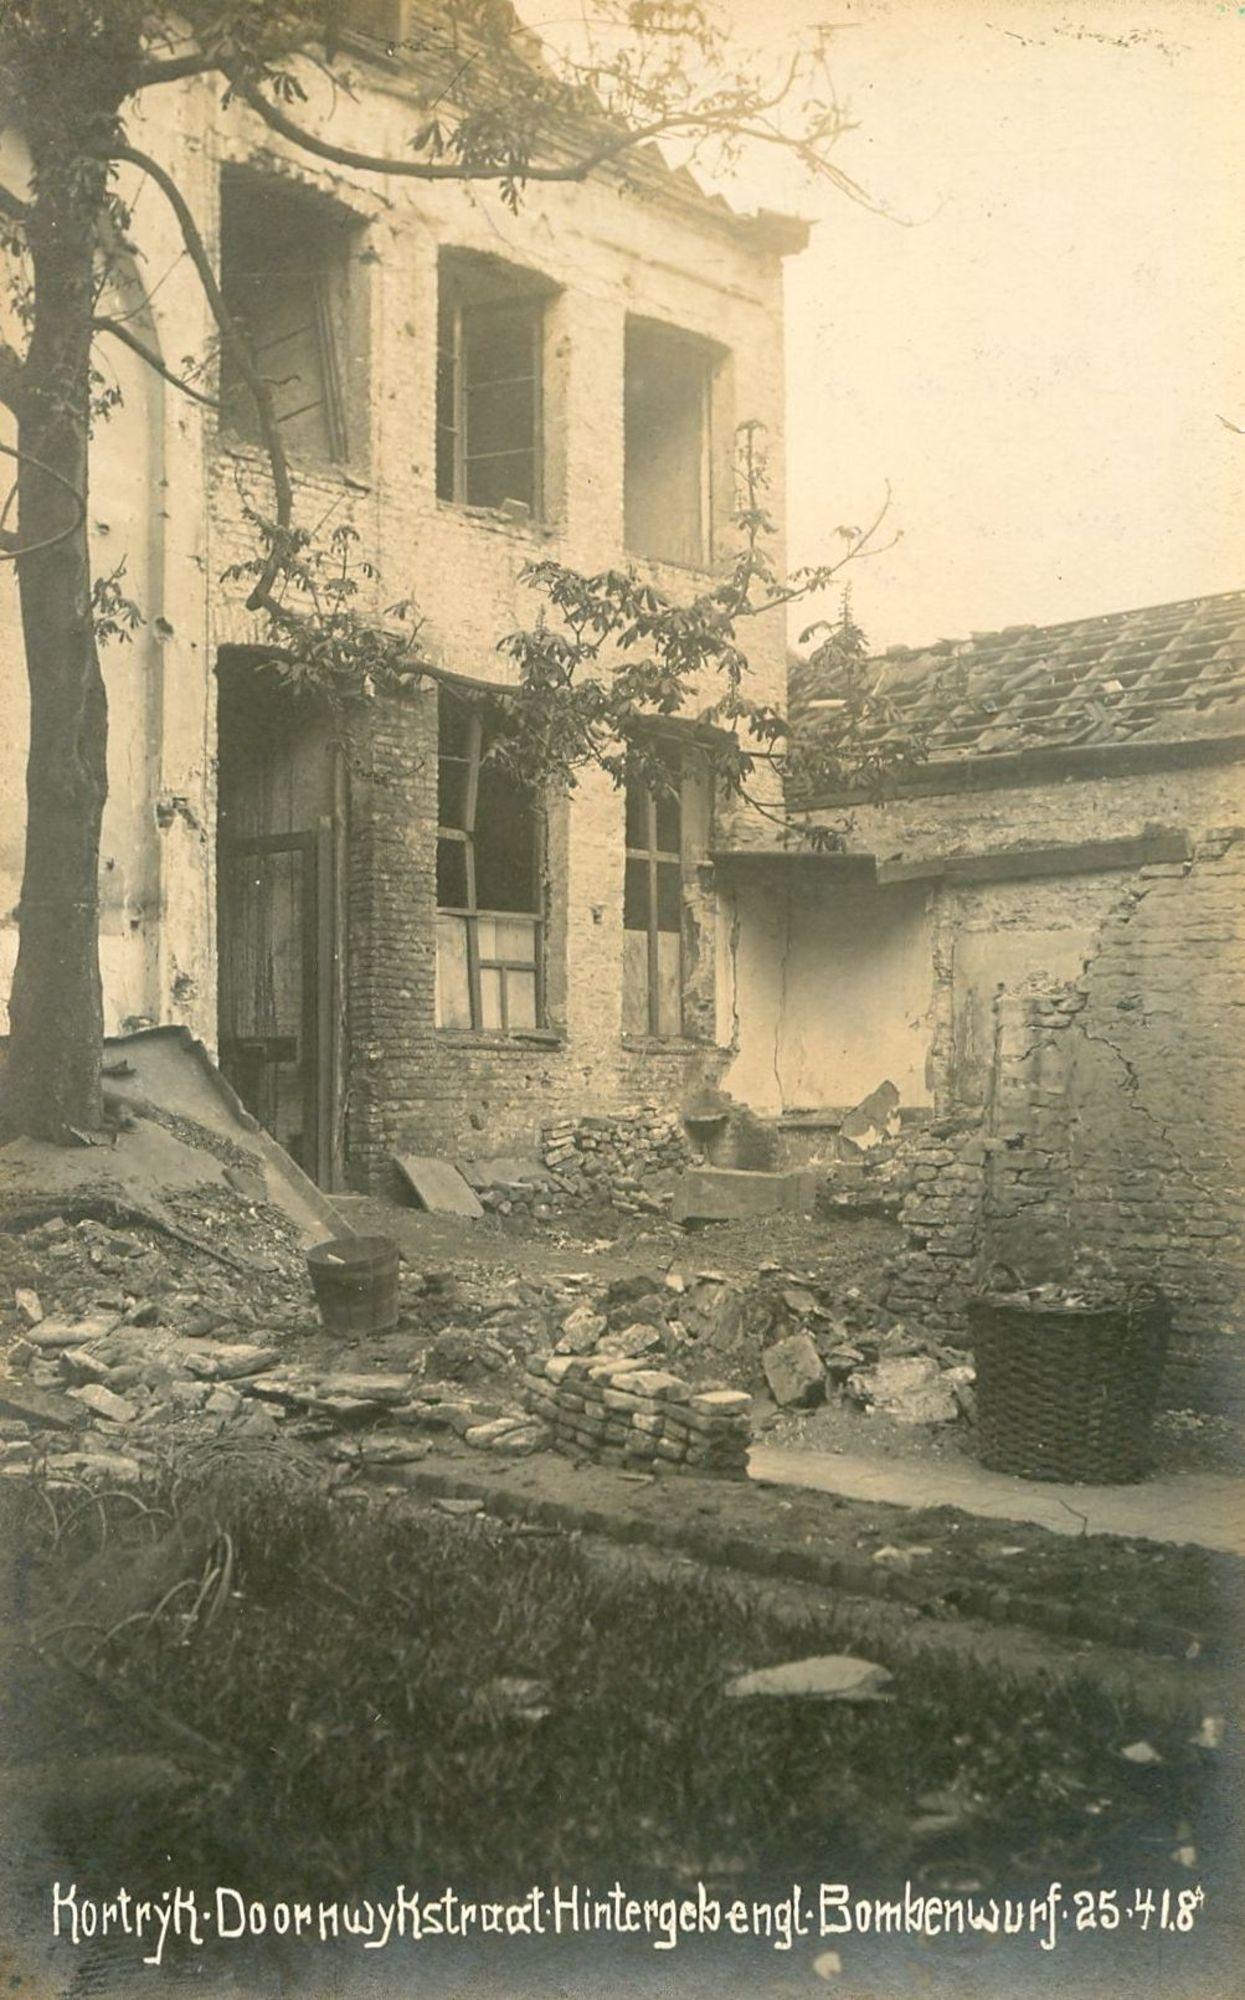 Doorniksestraat in 1918